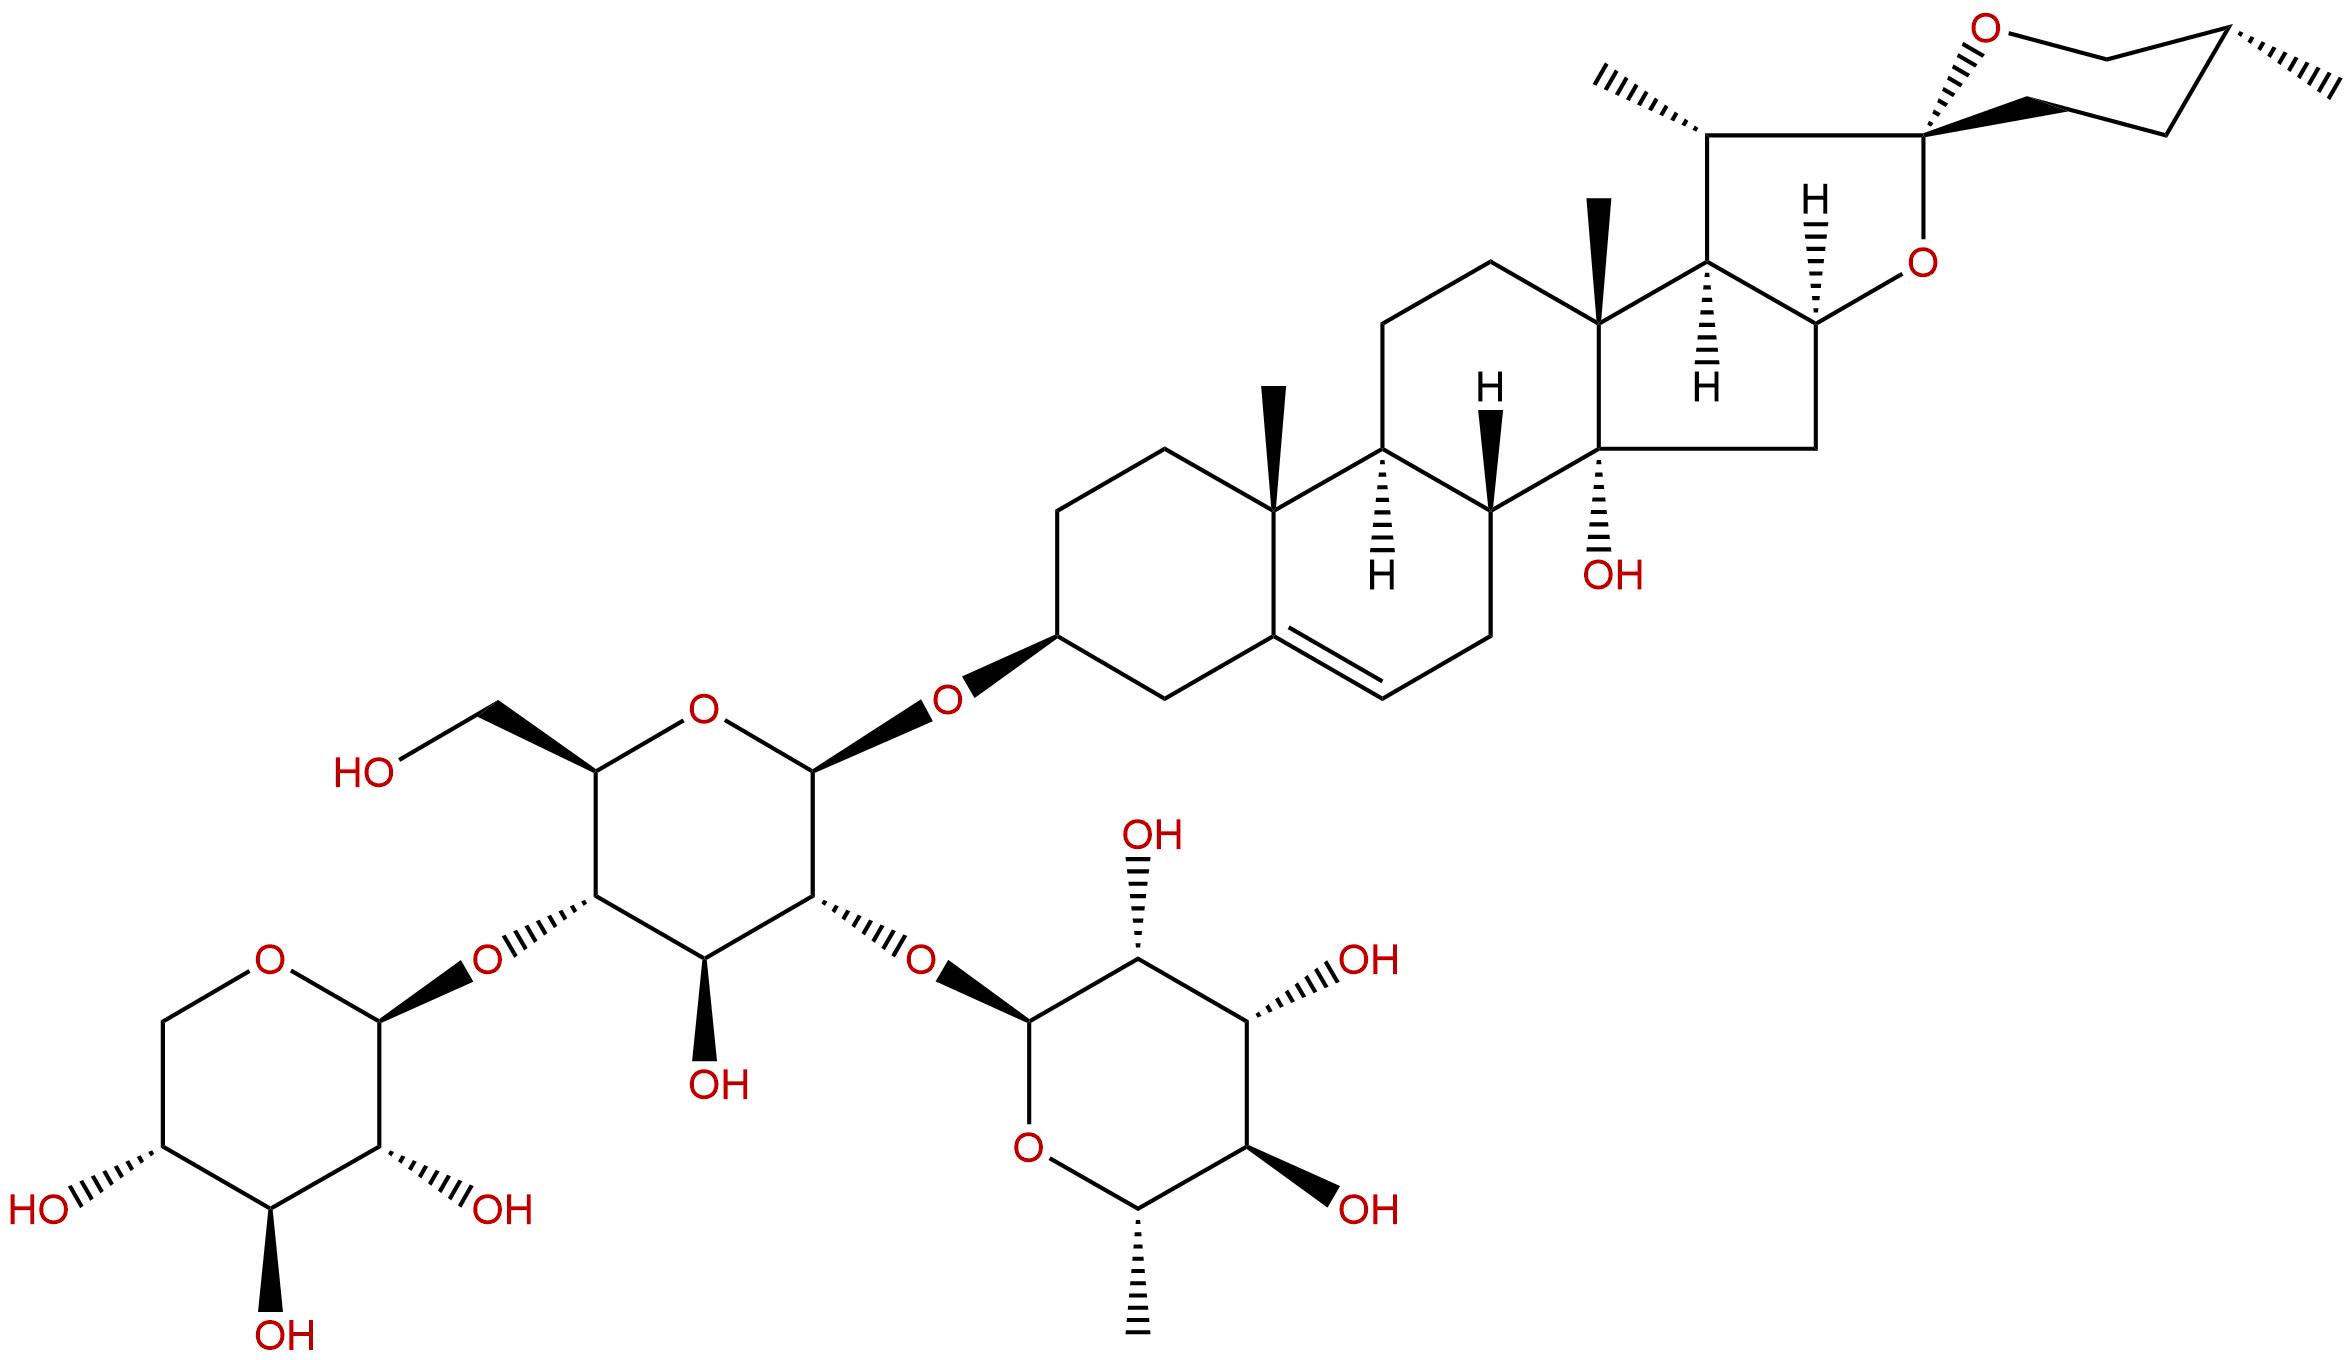 14-hydroxysprengerinin C